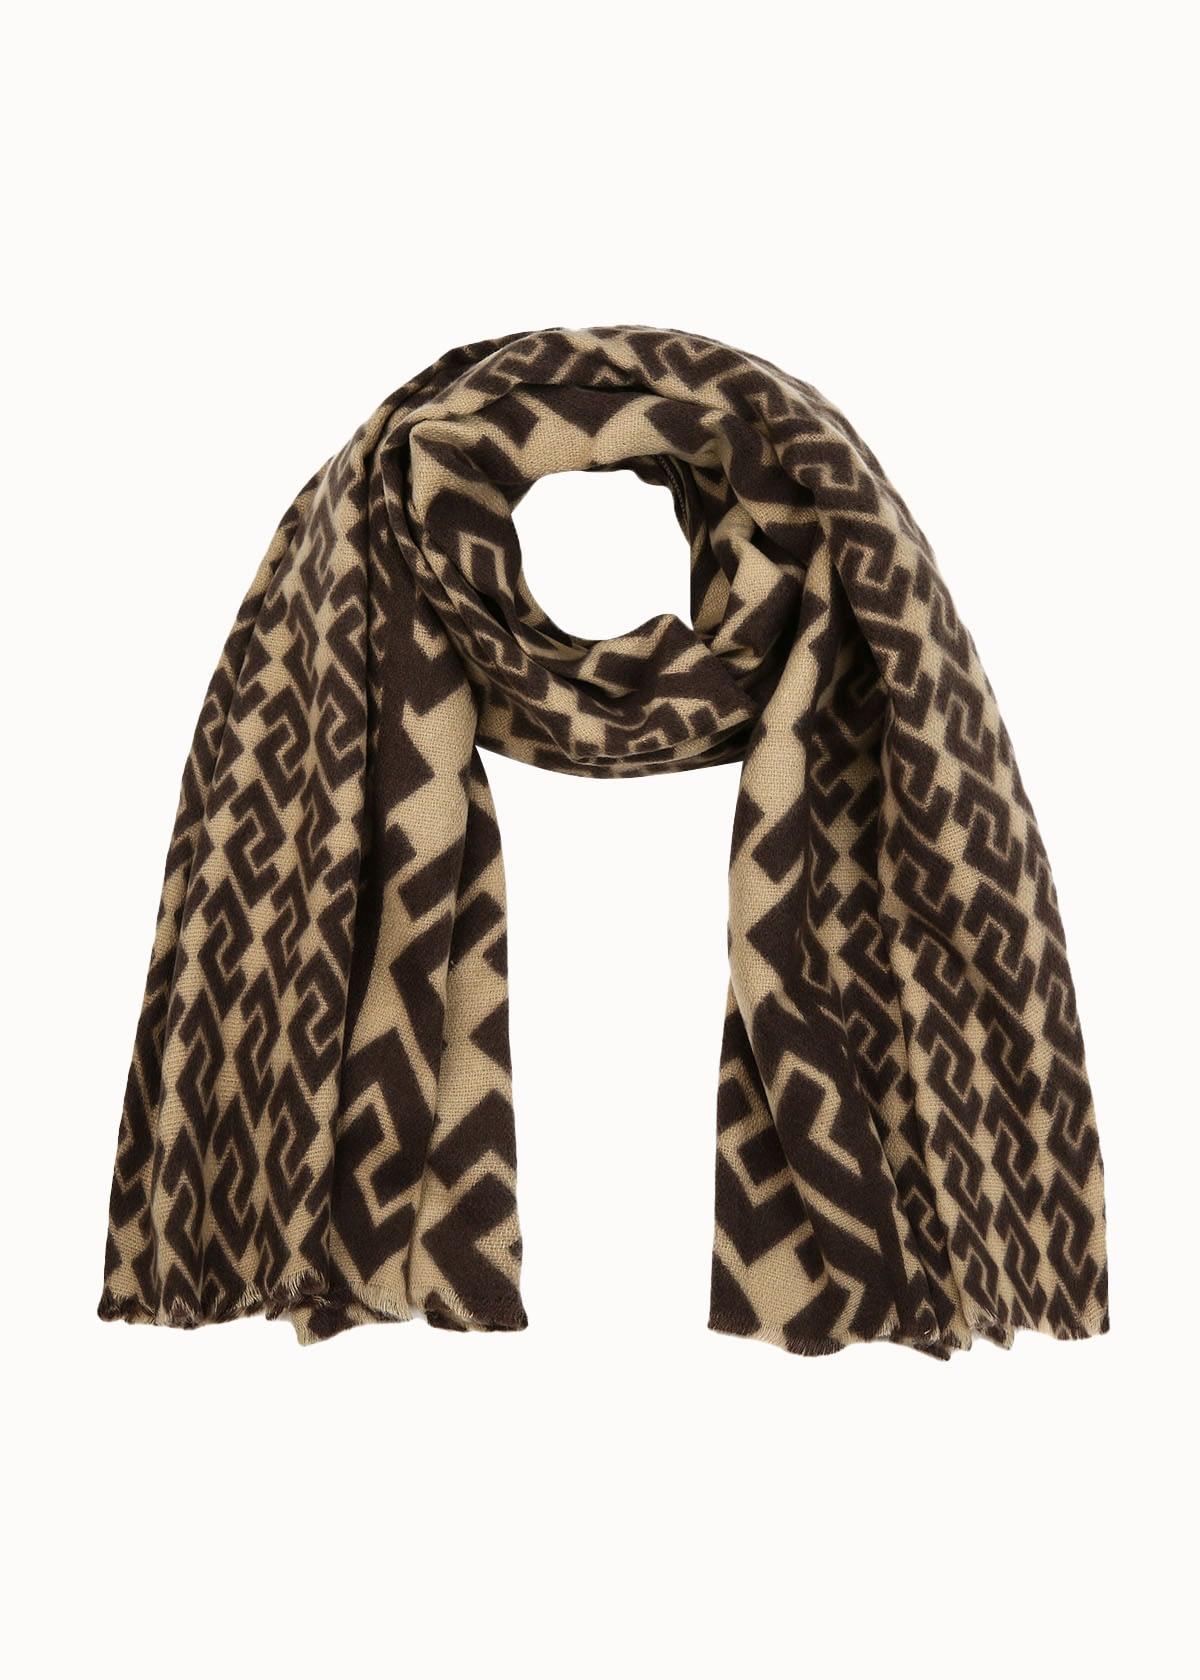 Cozy sjaal winter fever